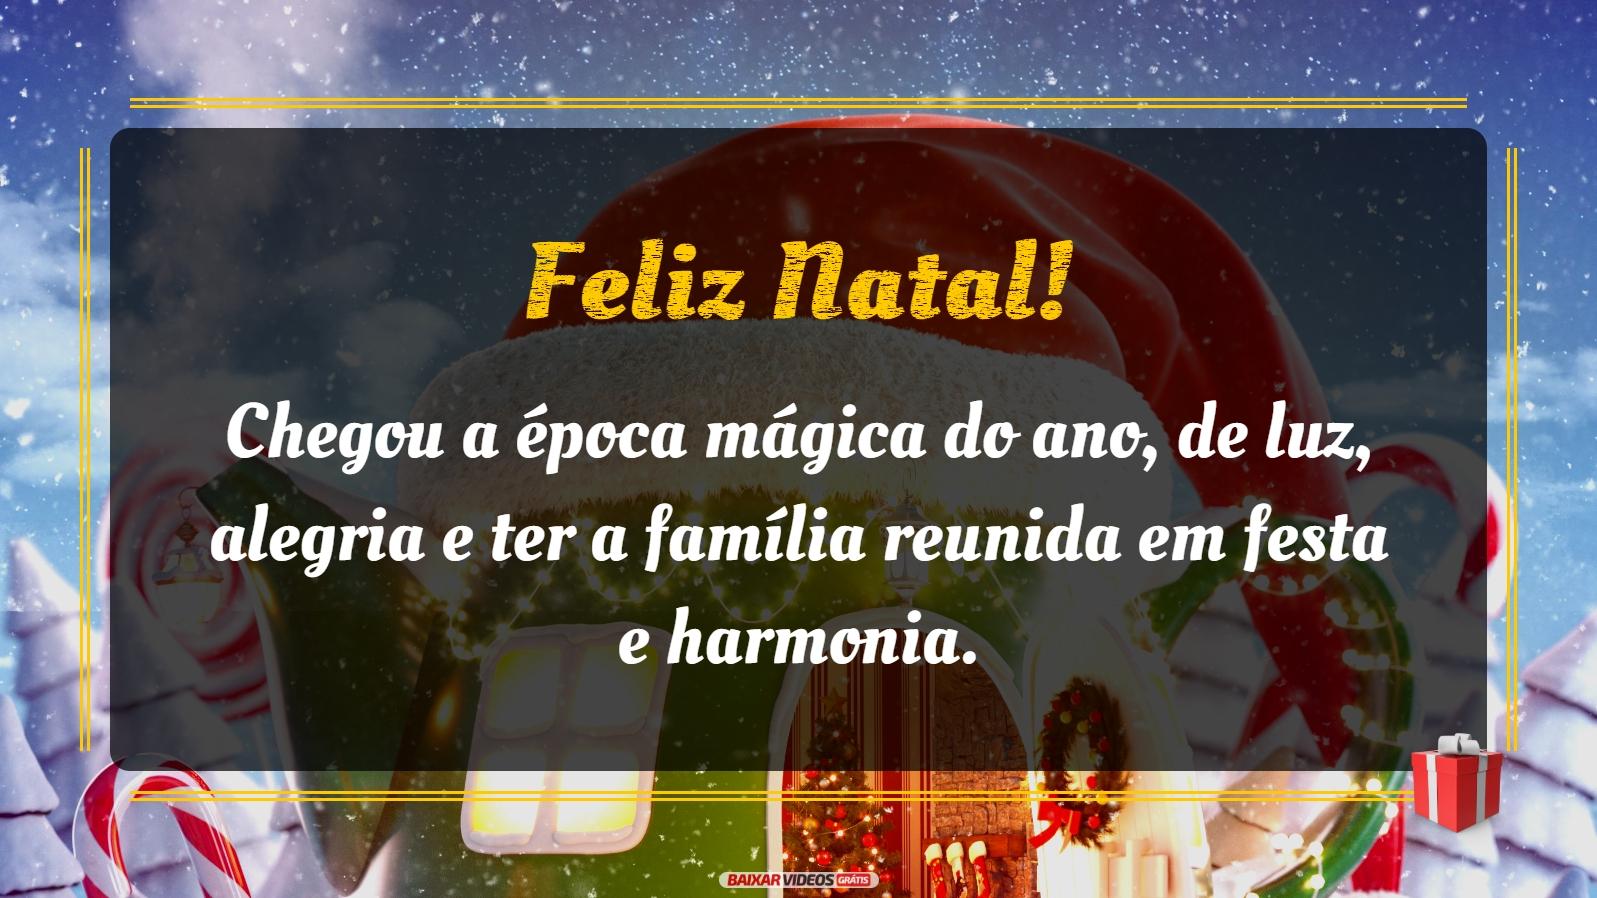 Chegou a época mágica do ano, de luz, alegria e ter a família reunida em festa e harmonia. Feliz Natal!